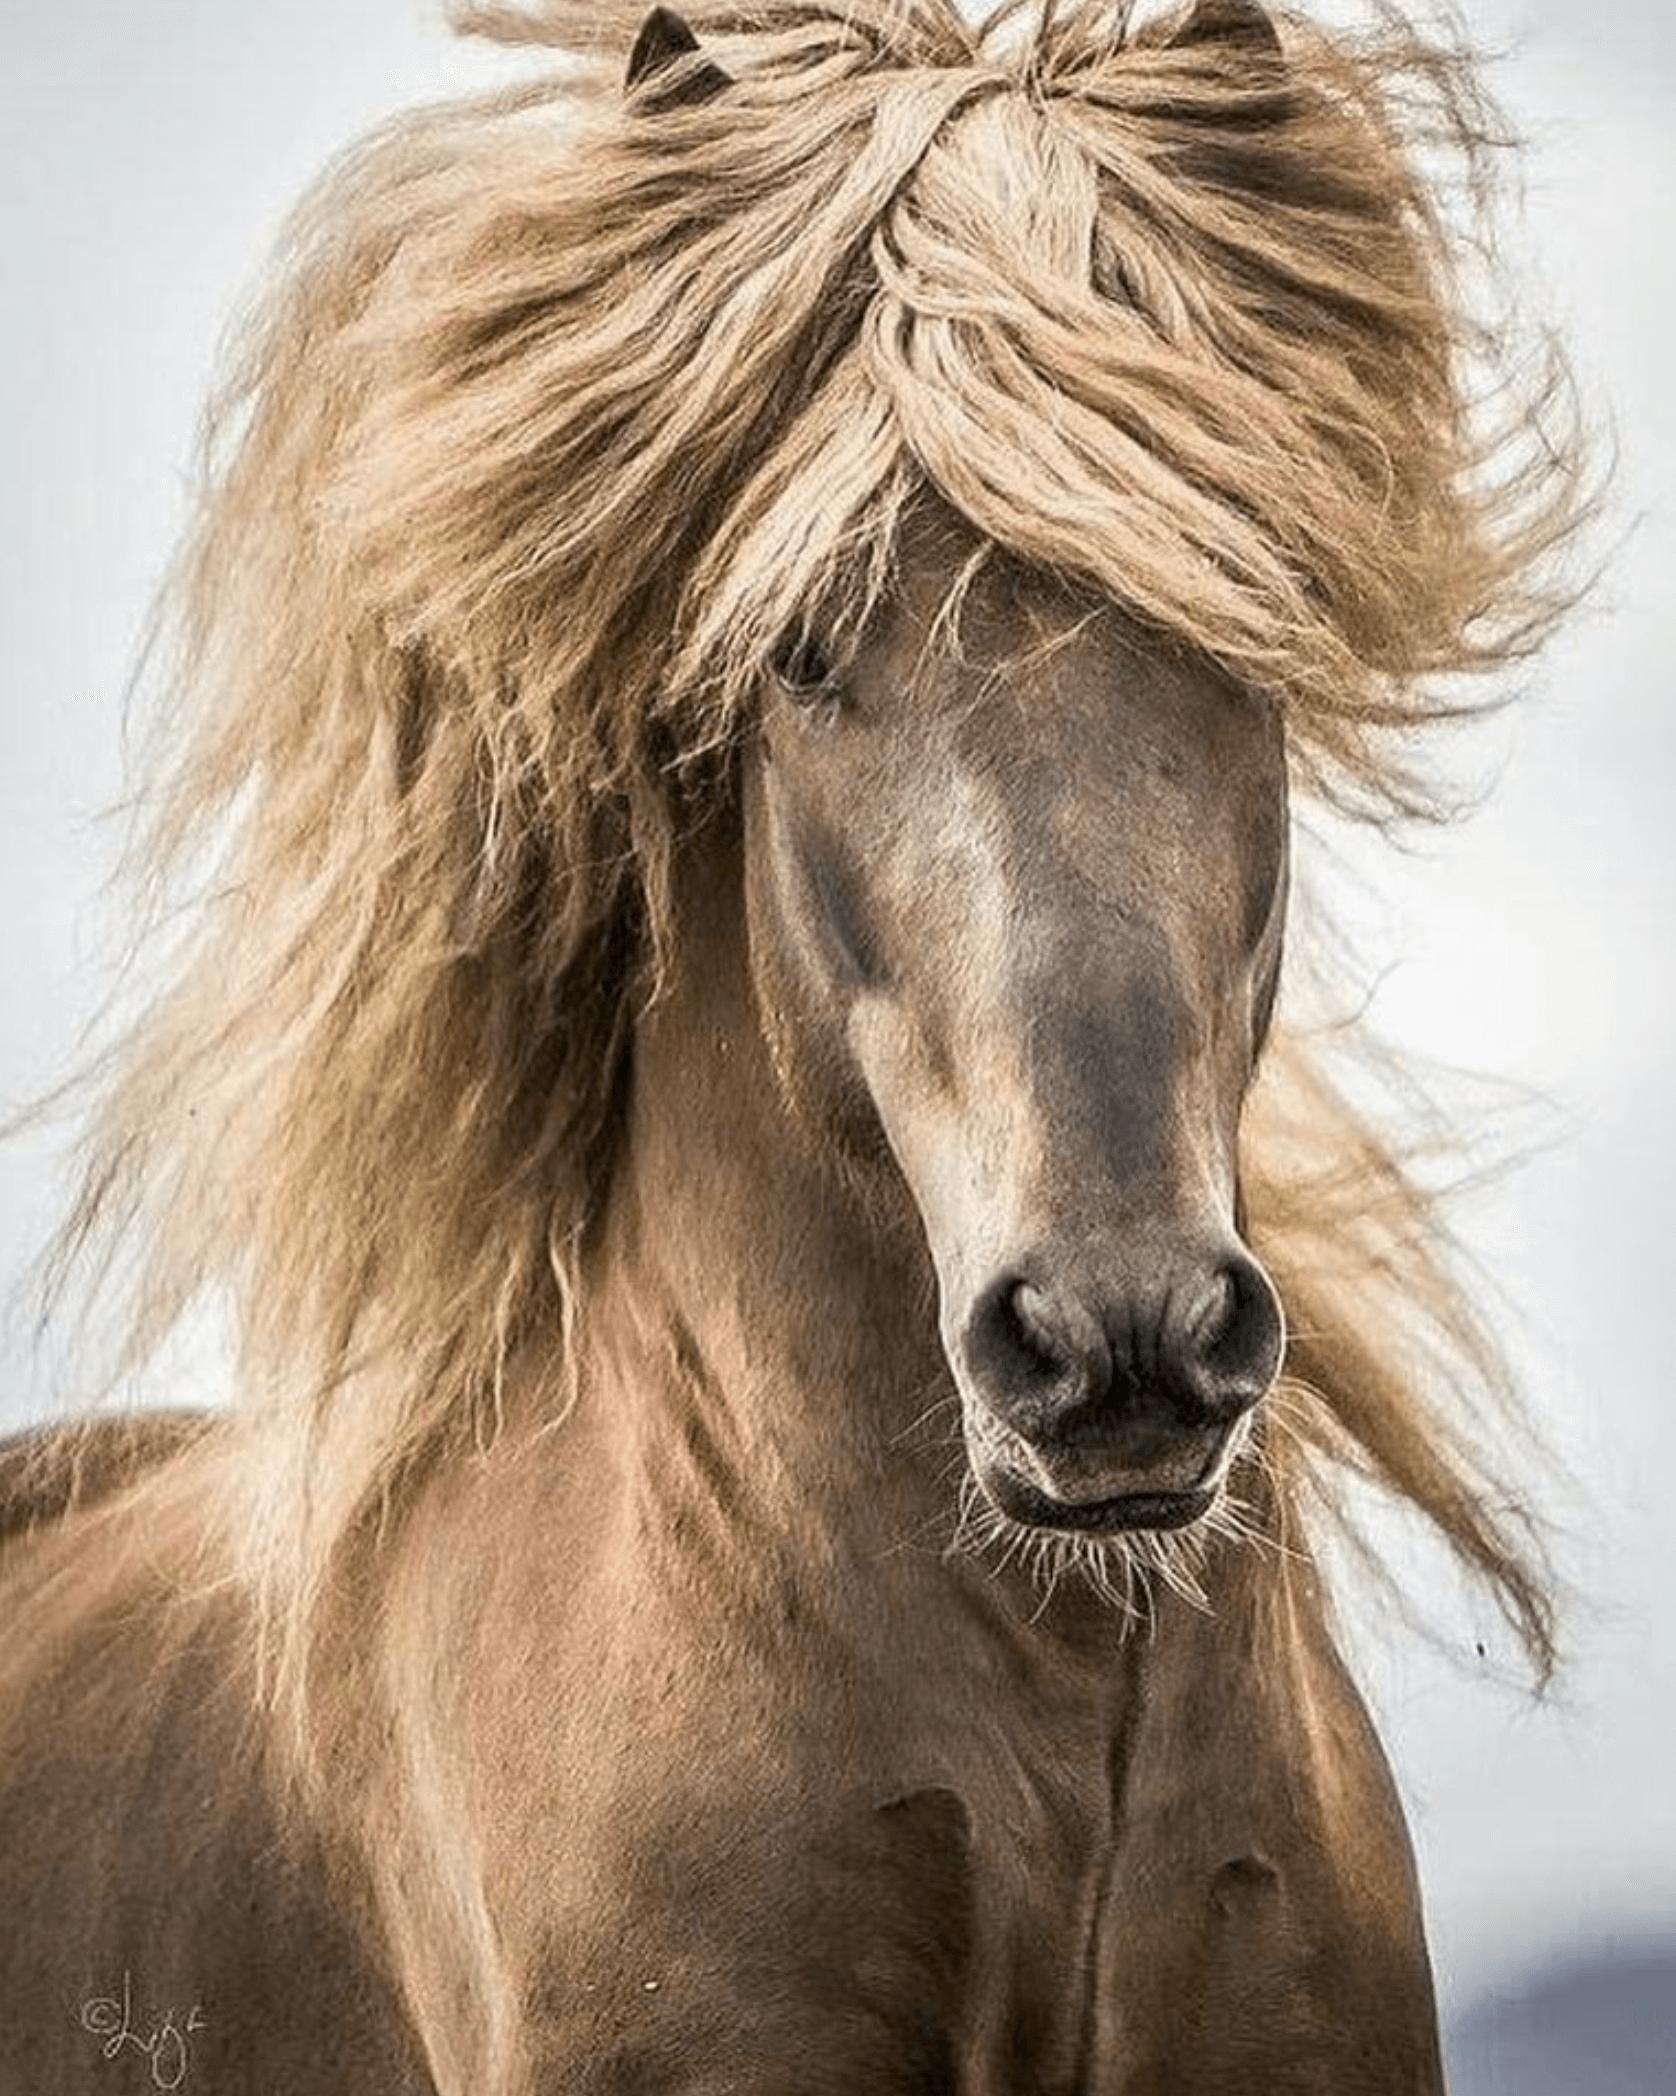 Pleje til hesten